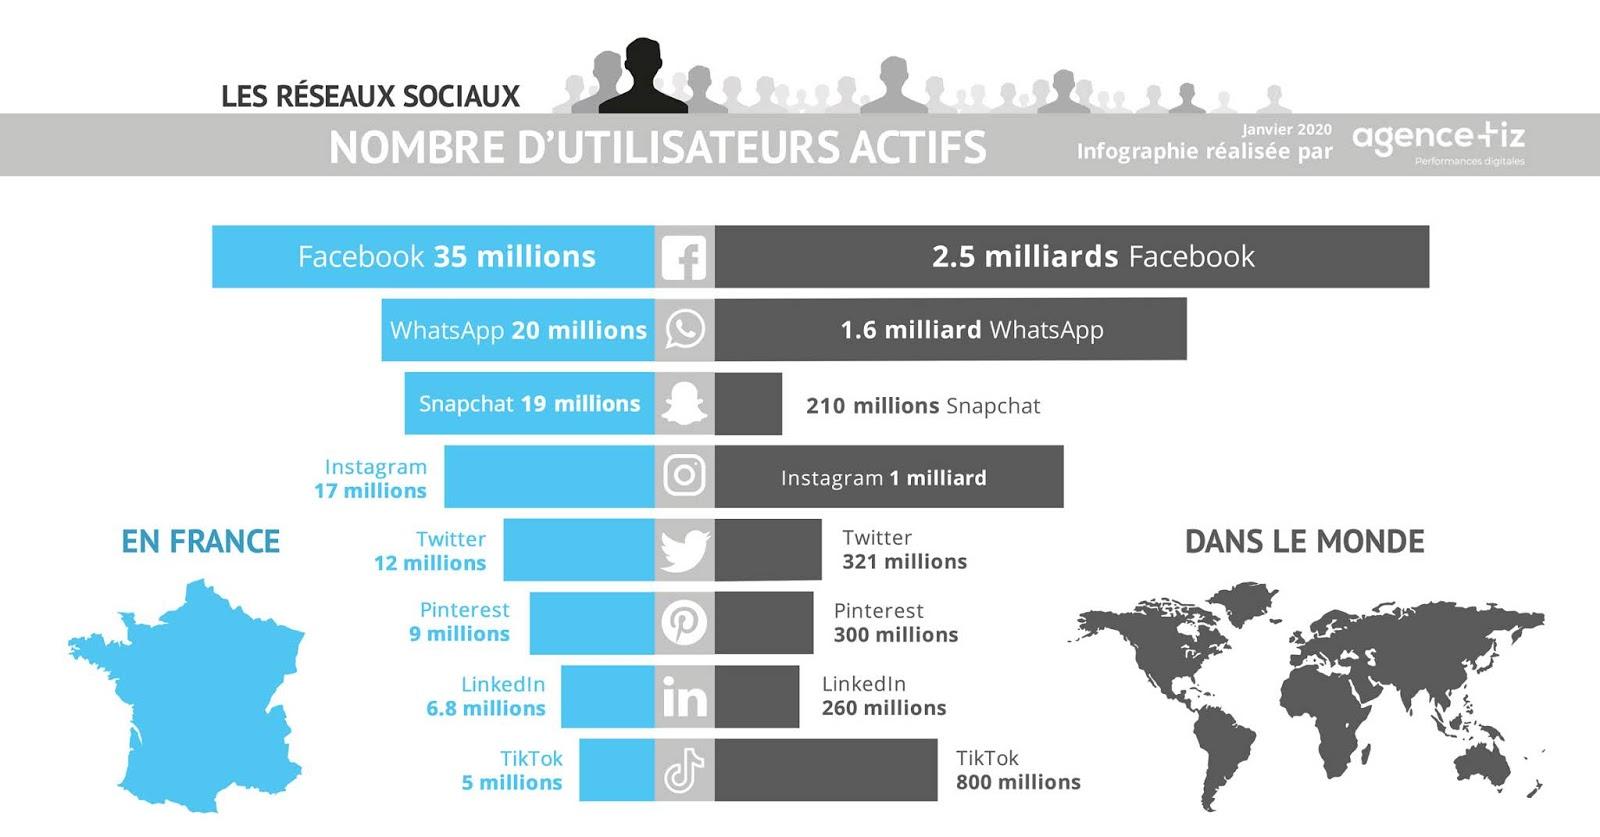 Infographie nombre d'utilisateurs des réseaux sociaux en France et dans le monde en 2020 : Facebook, Twitter, Instagram, LinkedIn, Snapchat, Pinterest, WhatsApp, TikTok